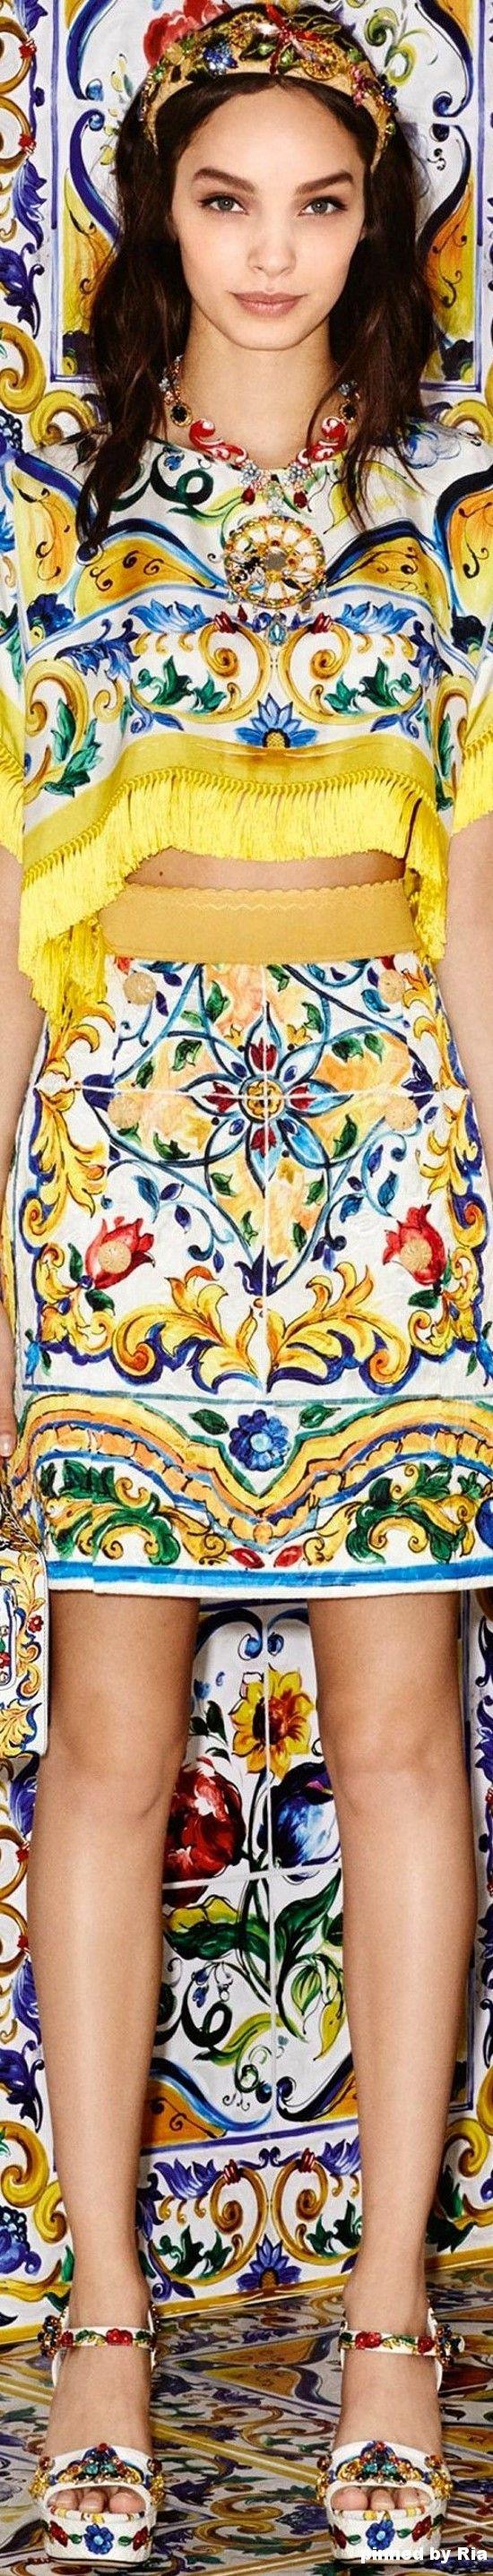 Dolce & Gabbana Majolica Collection - FW 2016-17 l Ria